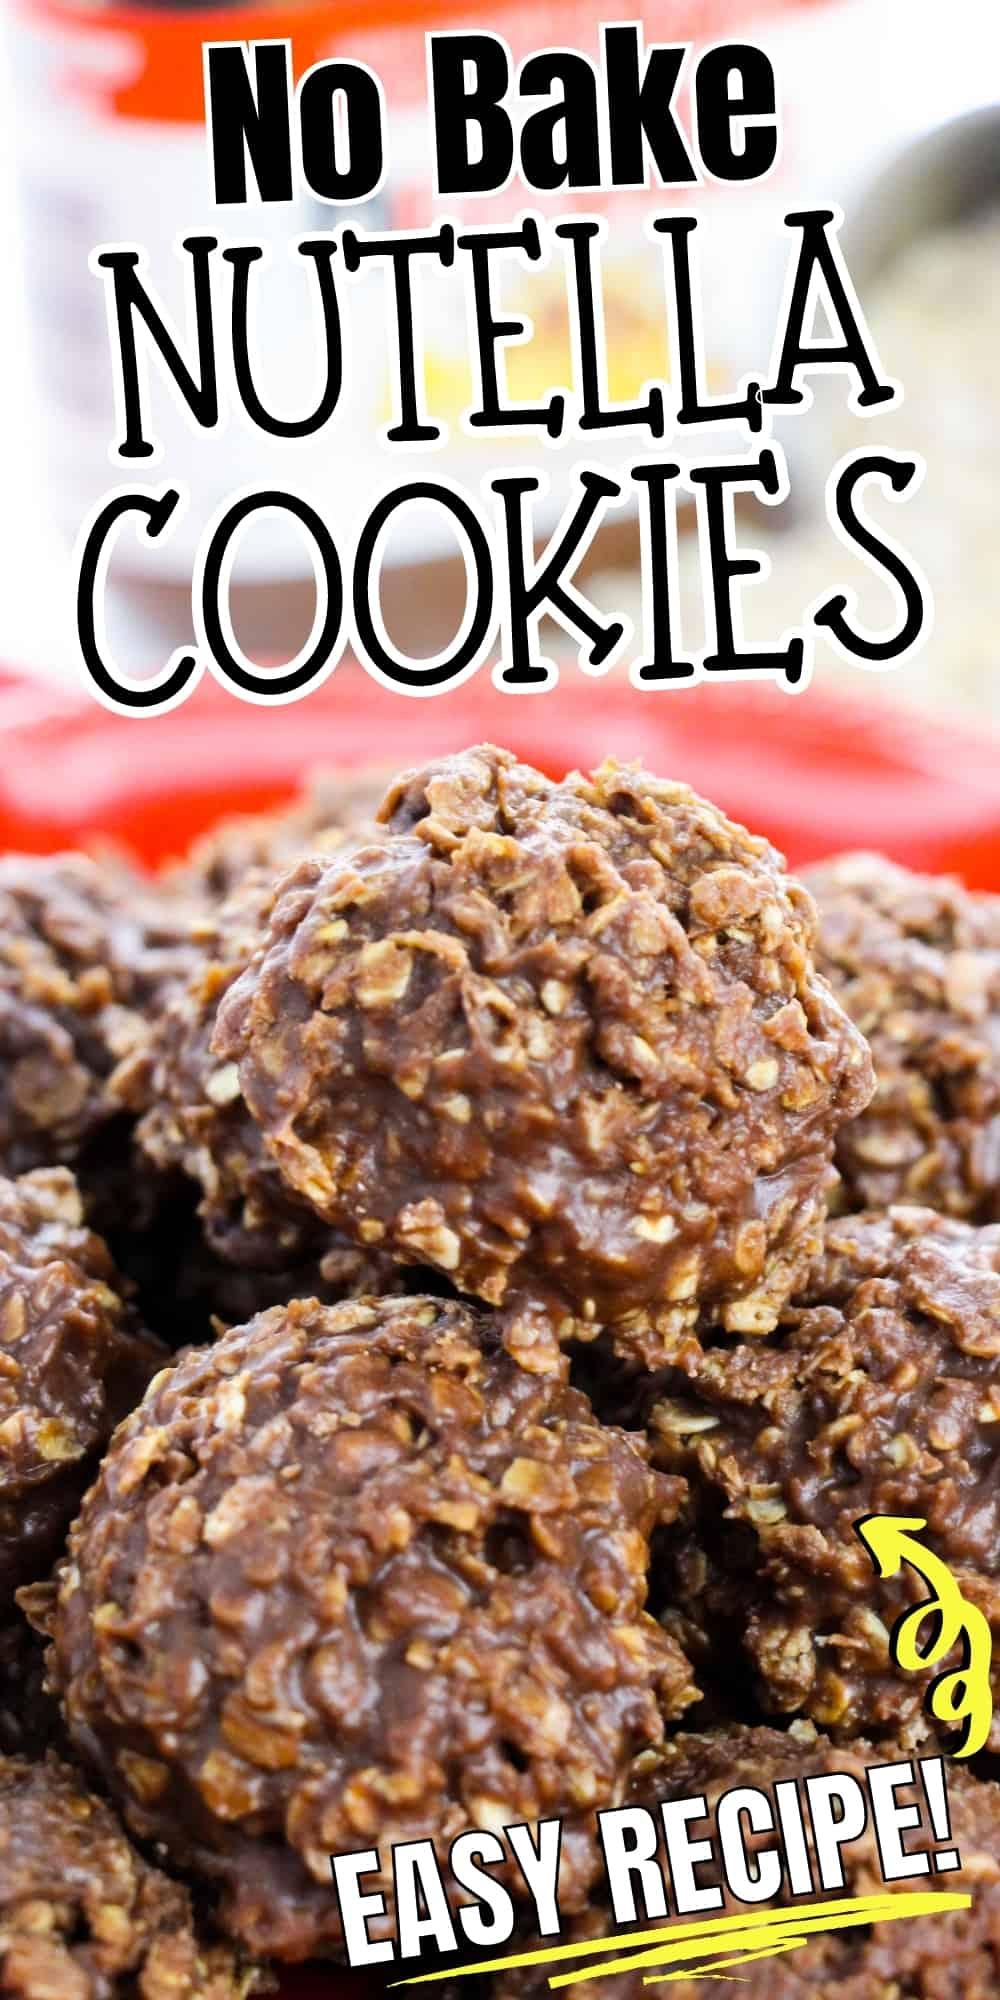 No bake nutella cookies, easy recipe